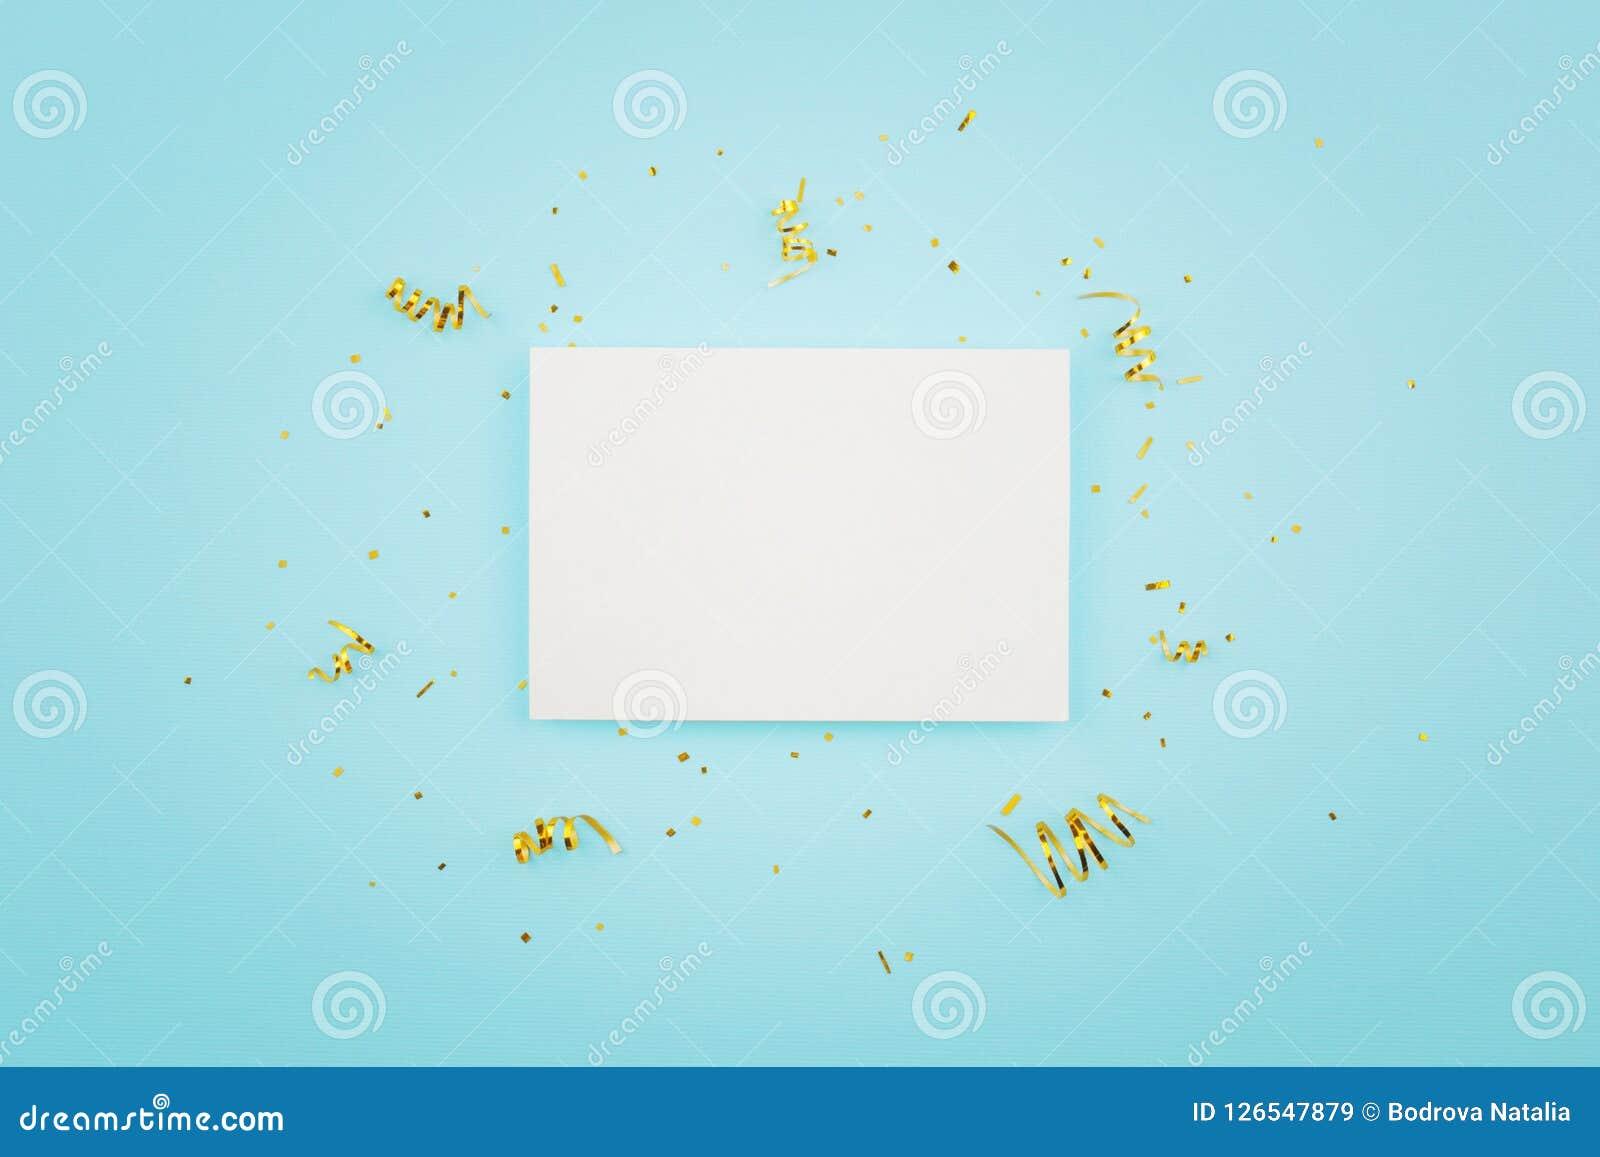 Weiße Karte auf einem blauen Hintergrund Goldkonfettis freier Raum für Postkarte für Geburtstag, Weihnachten, neues Jahr, Feier